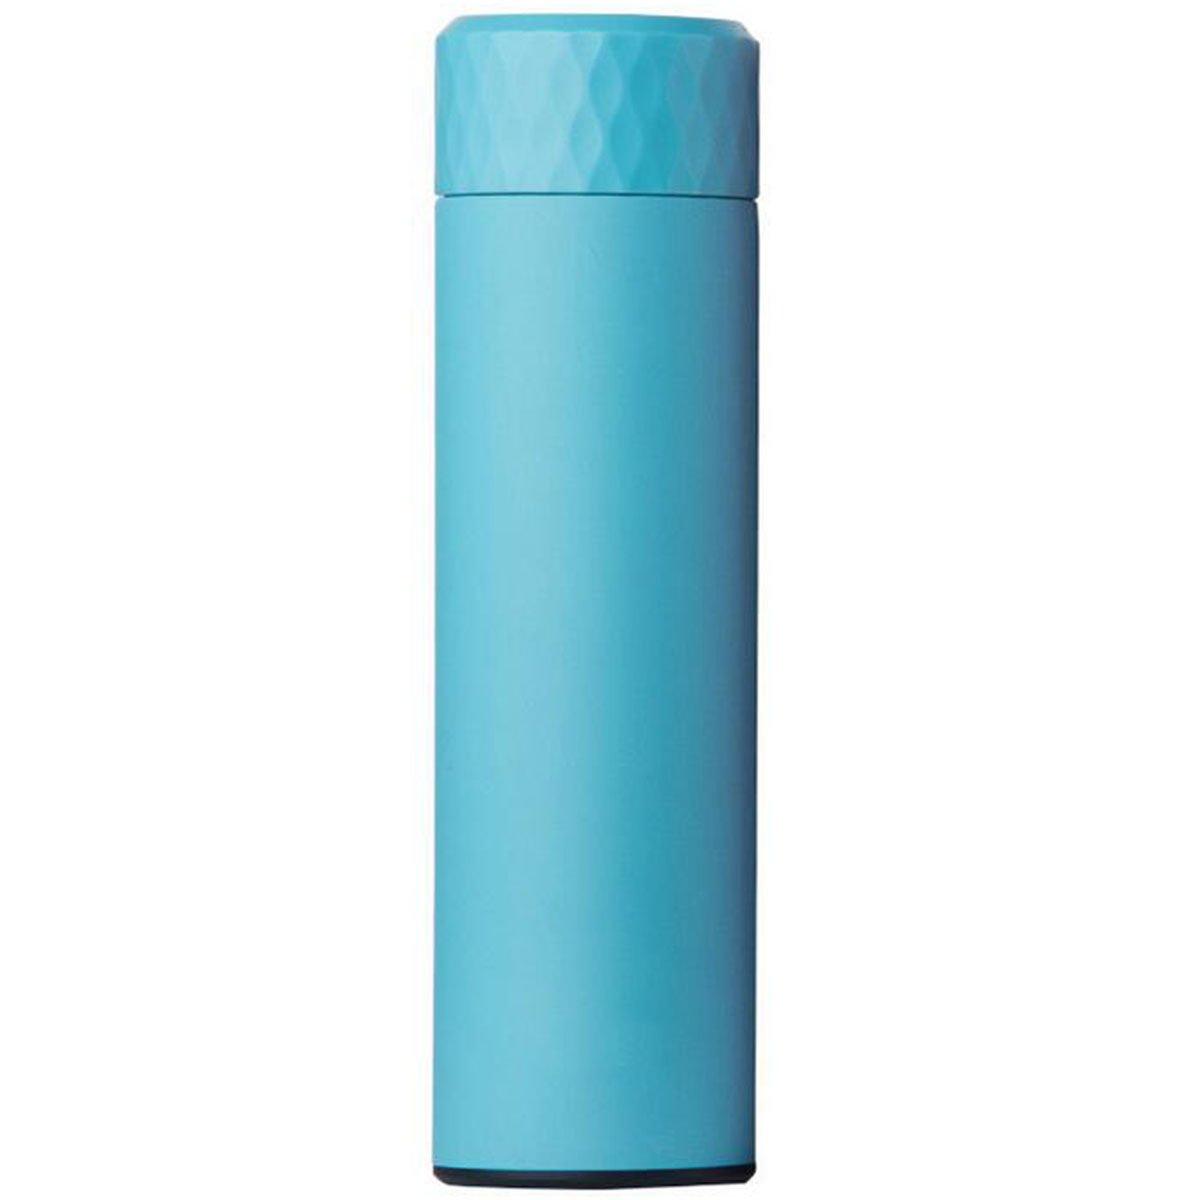 TZQ Männliche Und Weibliche Tragbar Wärmedämmung Glas,Blau